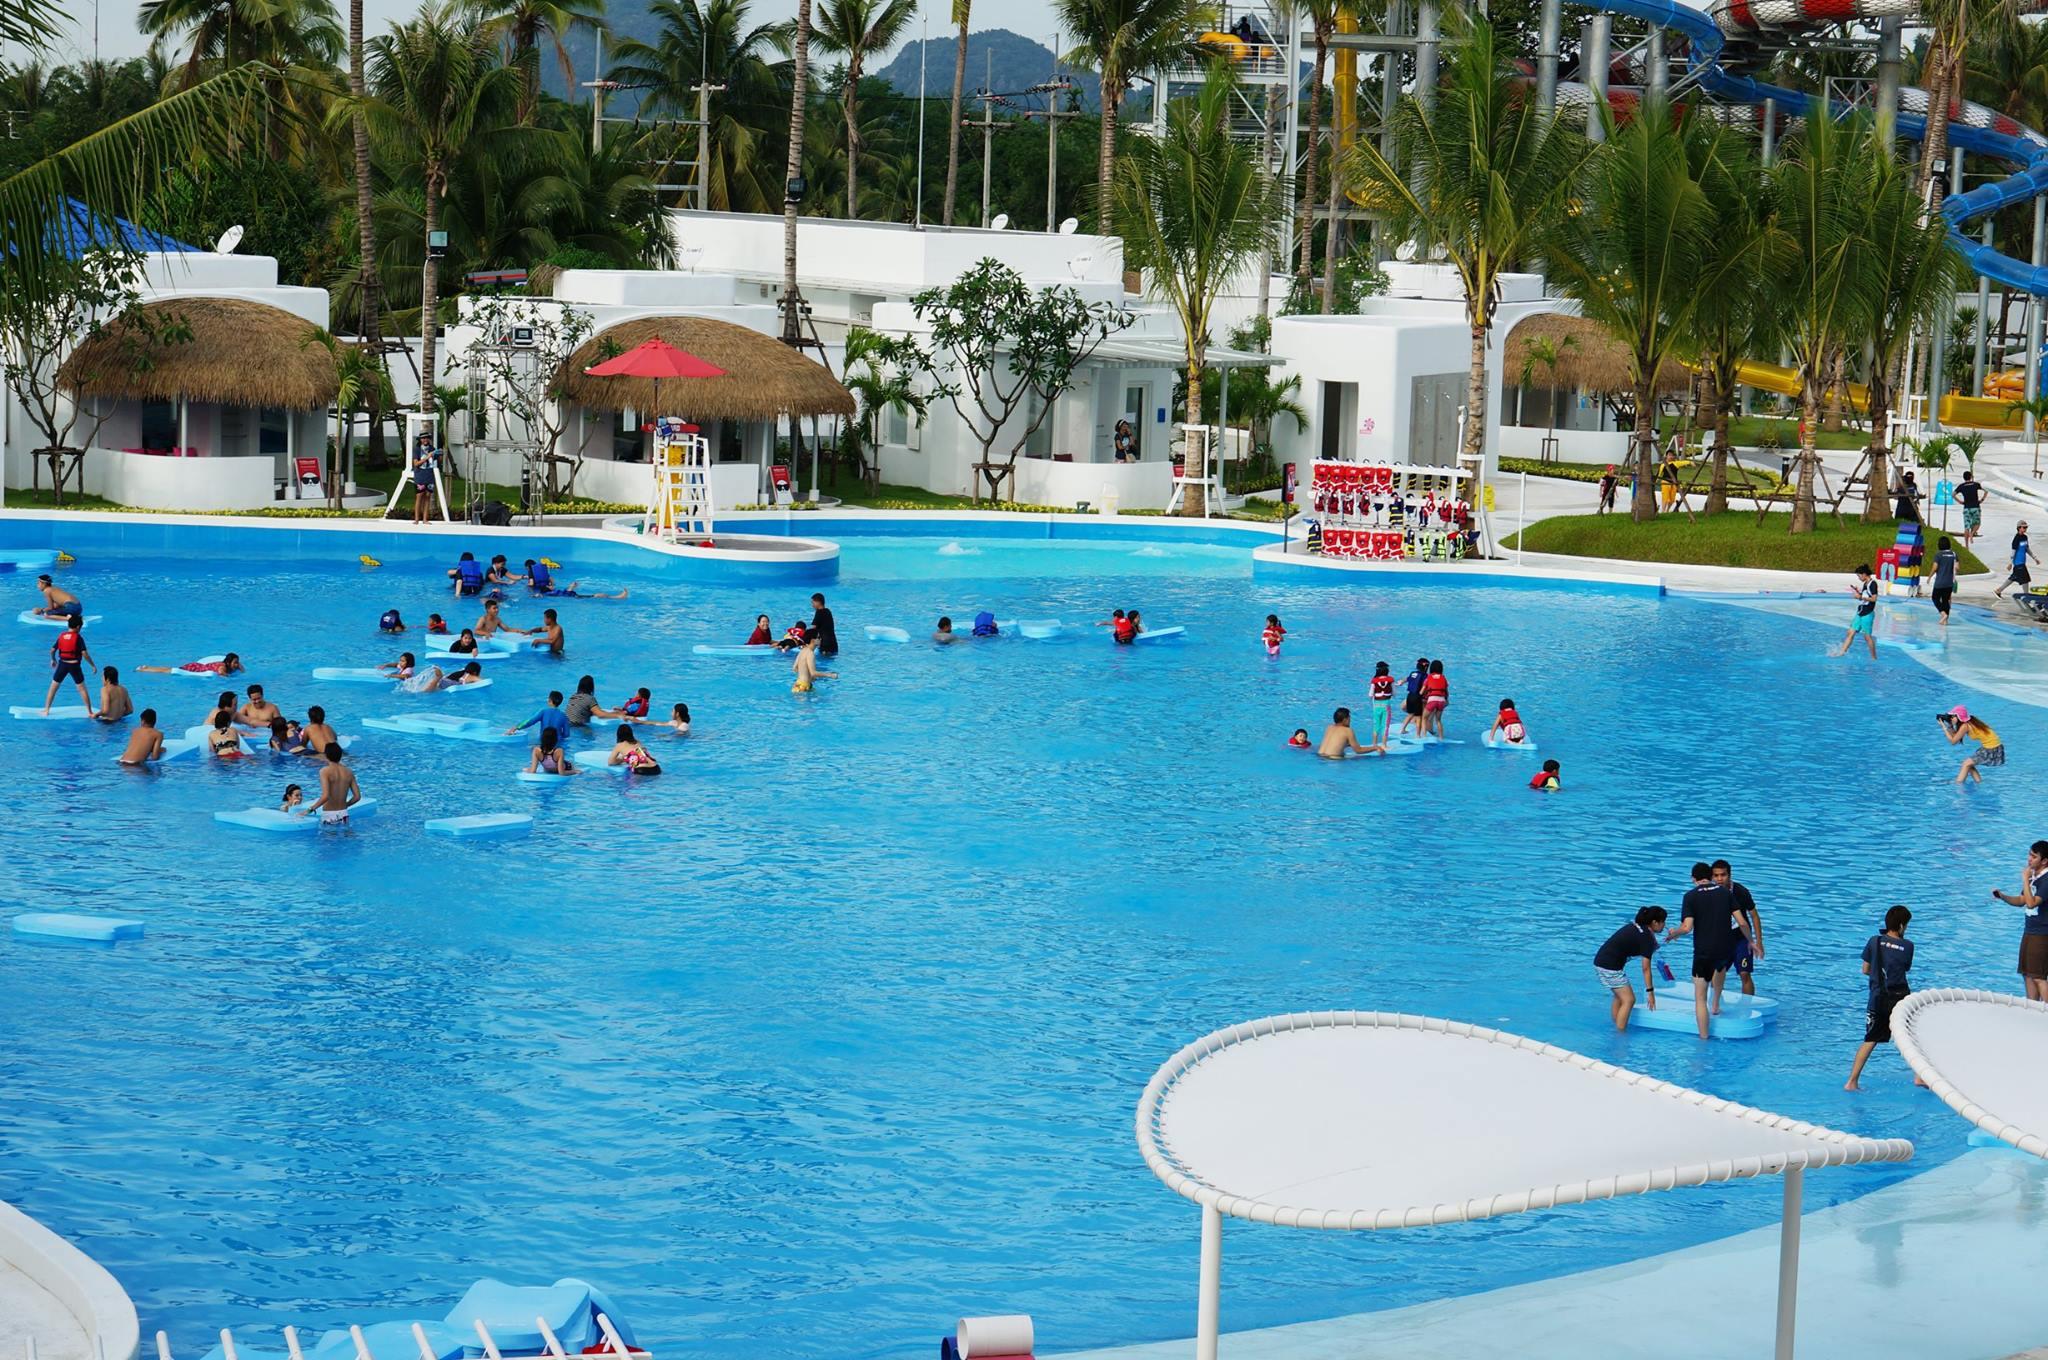 สวนน้ำในไทย: สวนน้ำซานโตรินี วอเตอร์ แฟนตาซี